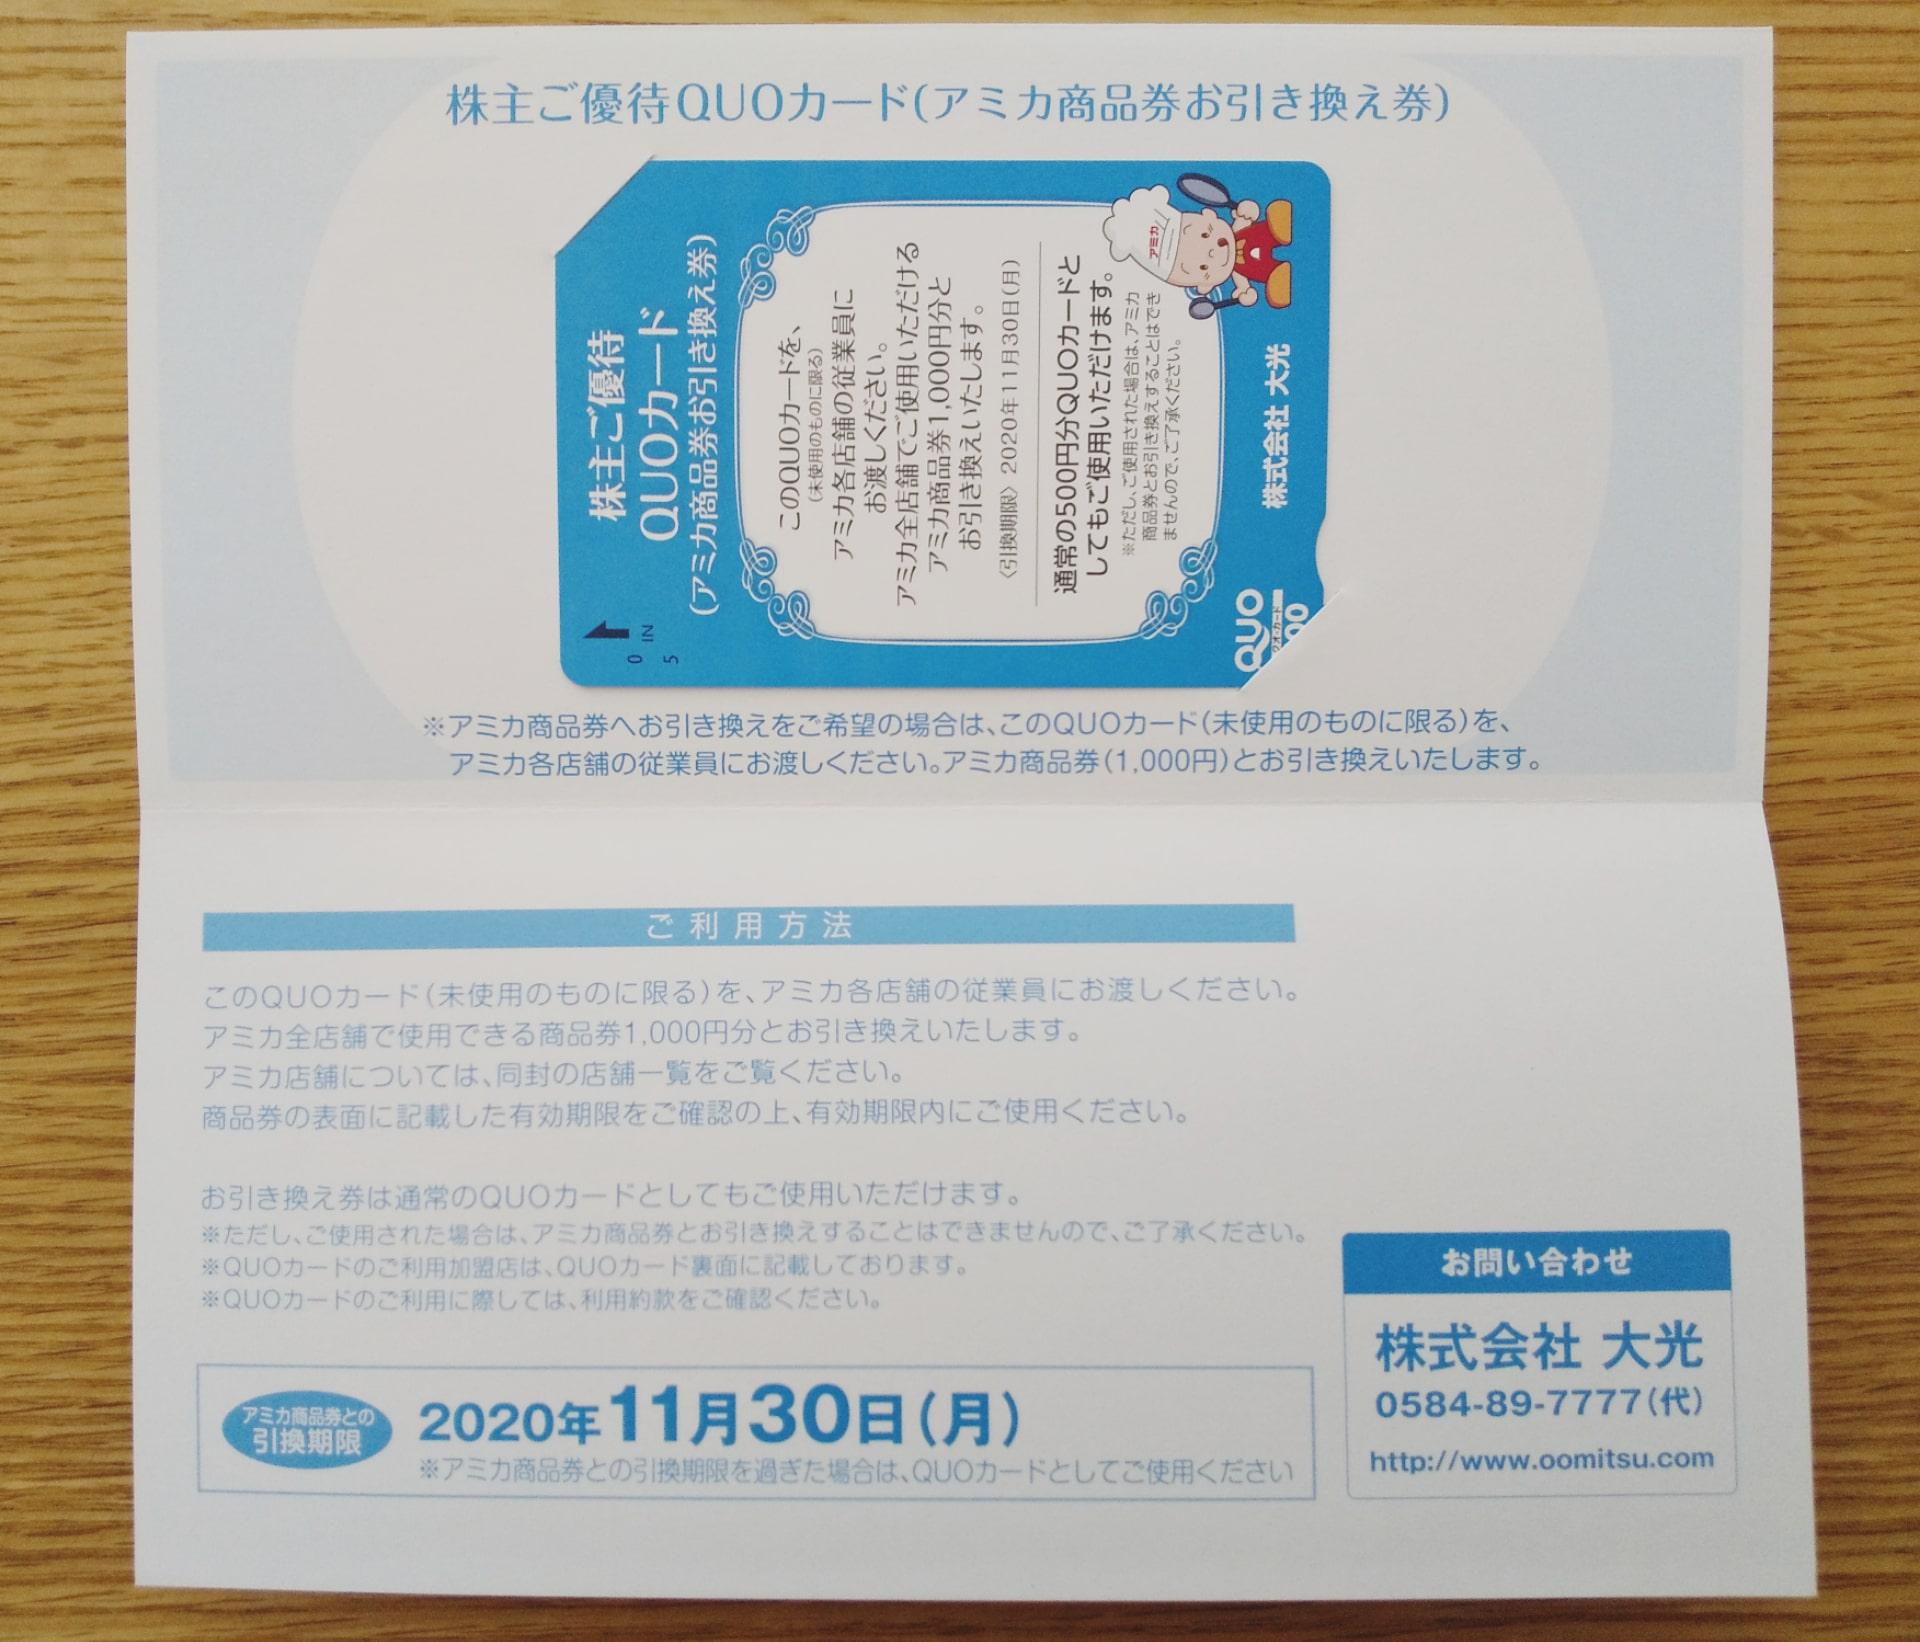 アミカ商品券への交換で利回りアップ!大光(3160)から株主優待クオカード500円が到着!